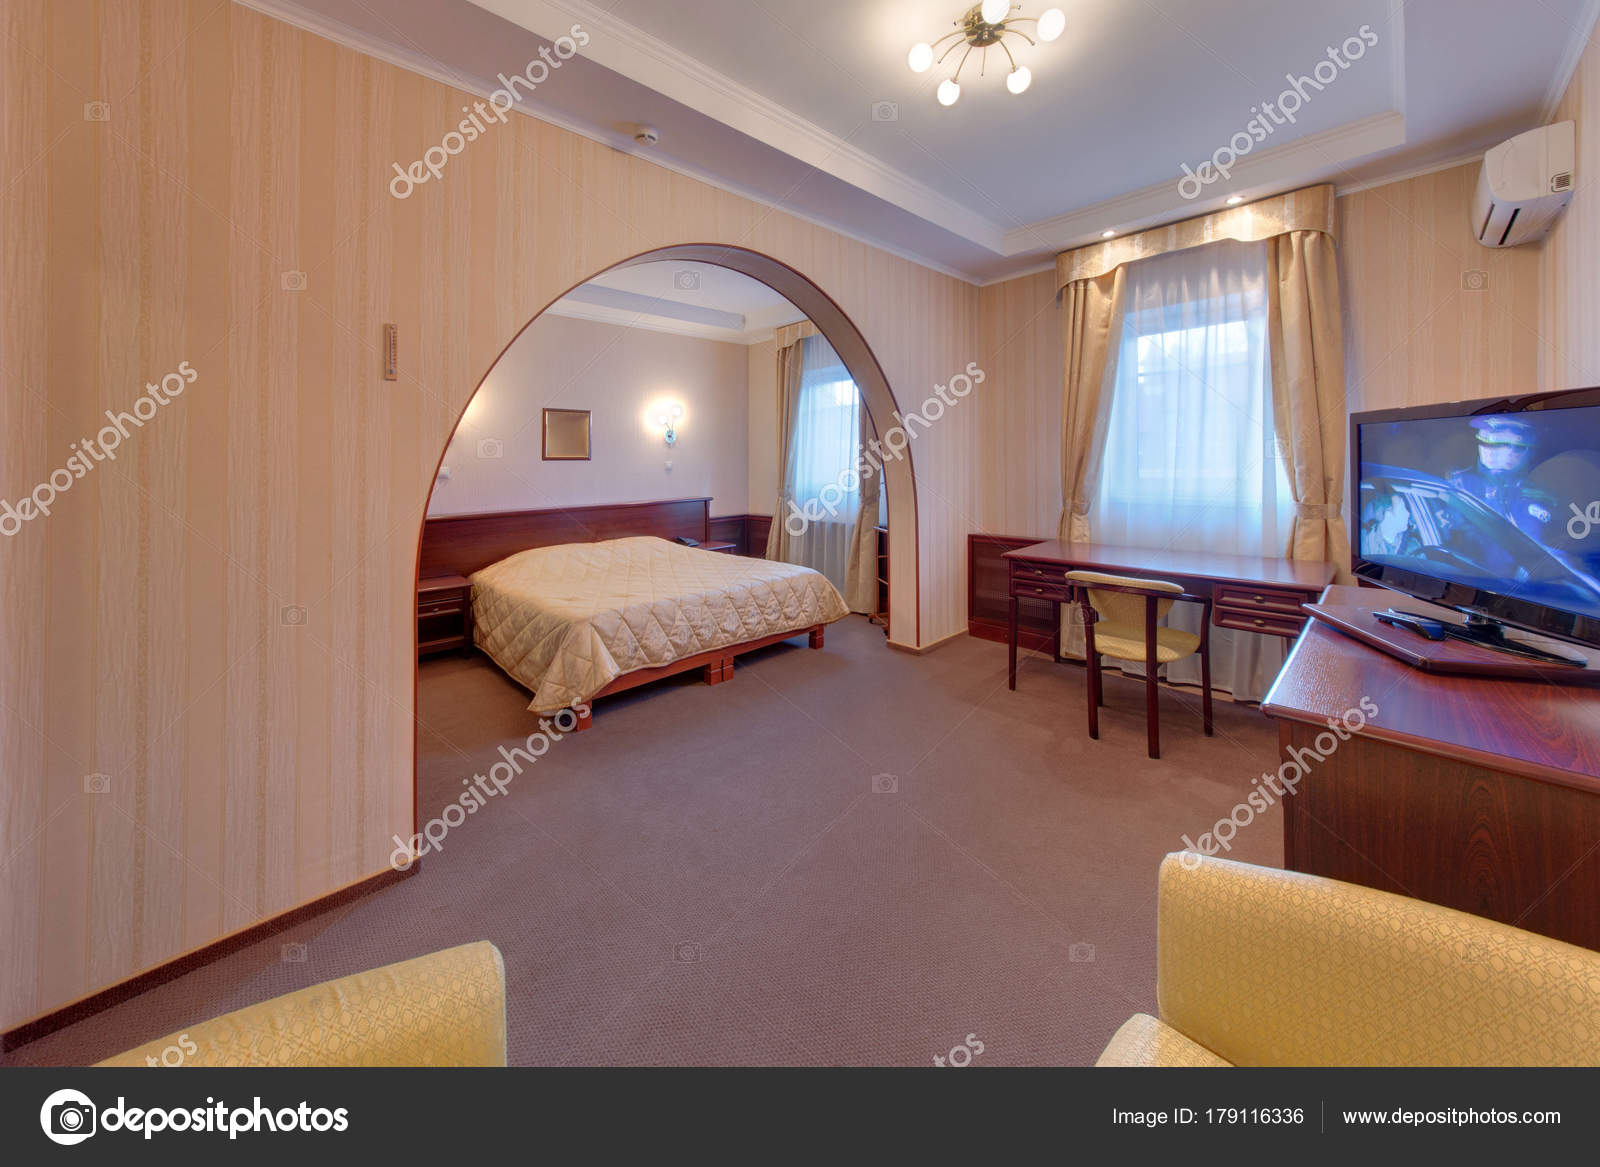 Chambre Coucher Avec King Size Bed Lampes Bureau Chaises Une ...